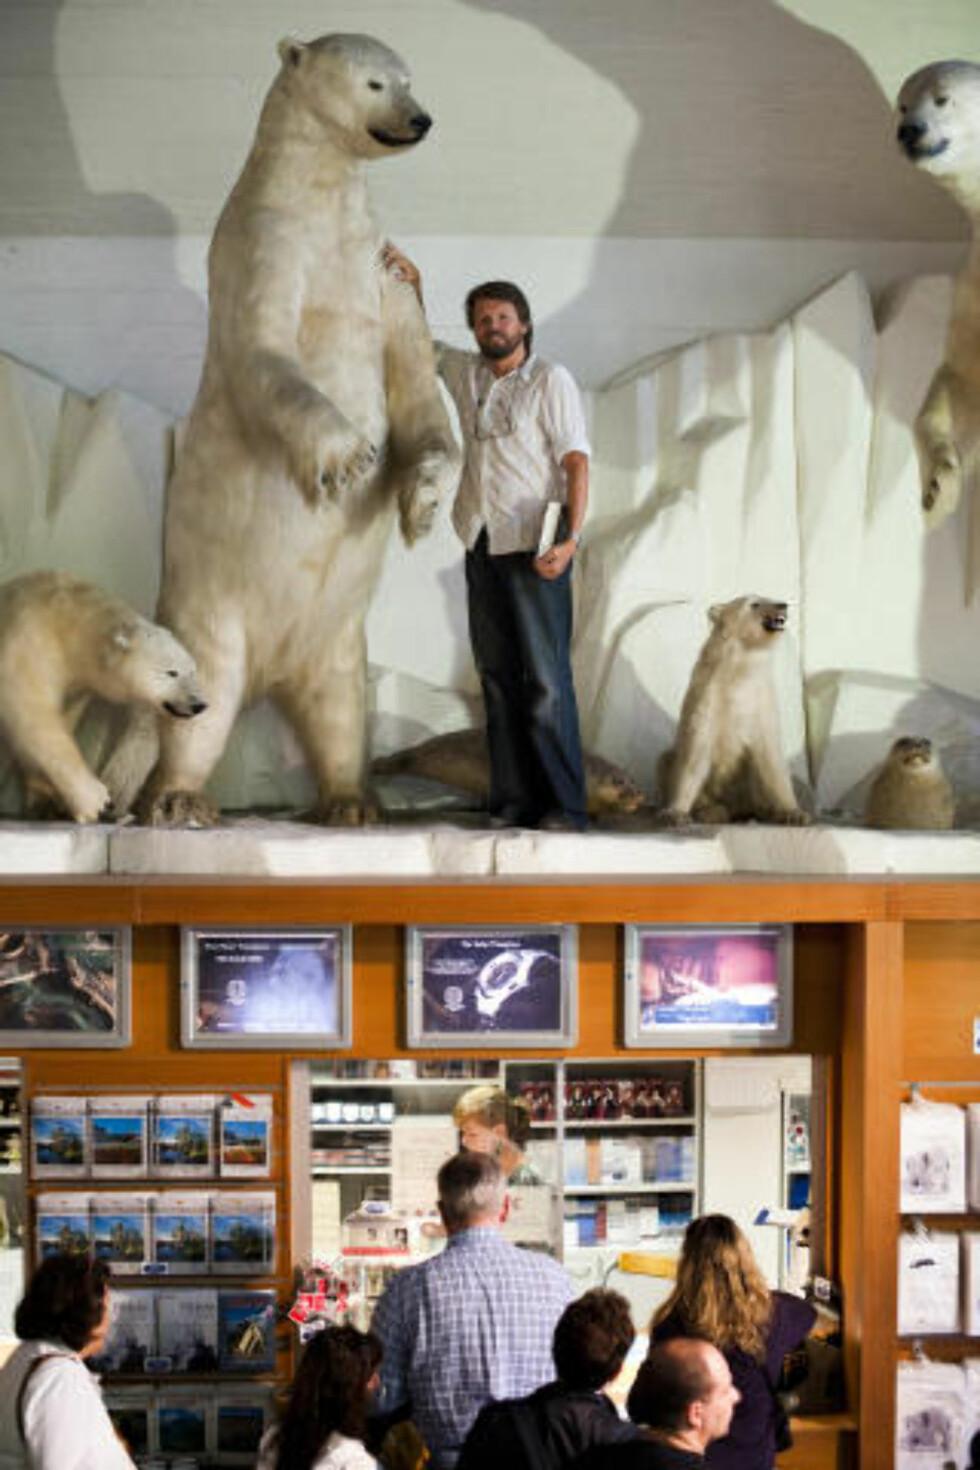 POLAREKSPEDISJON: En av hovedpersonene i «Fedrenes løgner» fosvinner på et isflak i Vestisen, hvor han blant annet blir truet av isbjørner som disse fra Fram-museet. Foto: Håkon Eikesdal